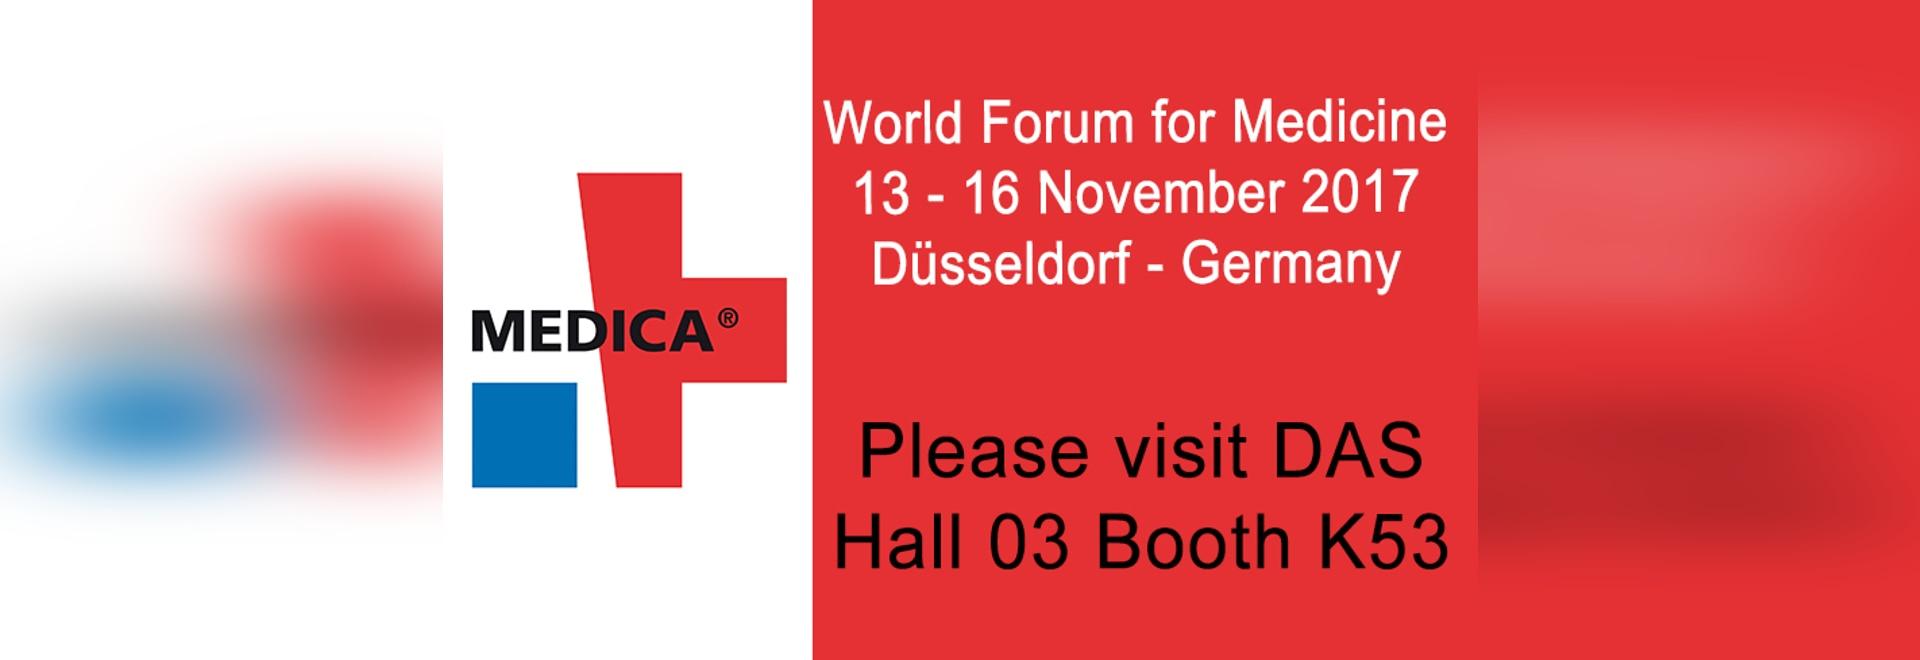 DAS exhibits at Medica Trade Show